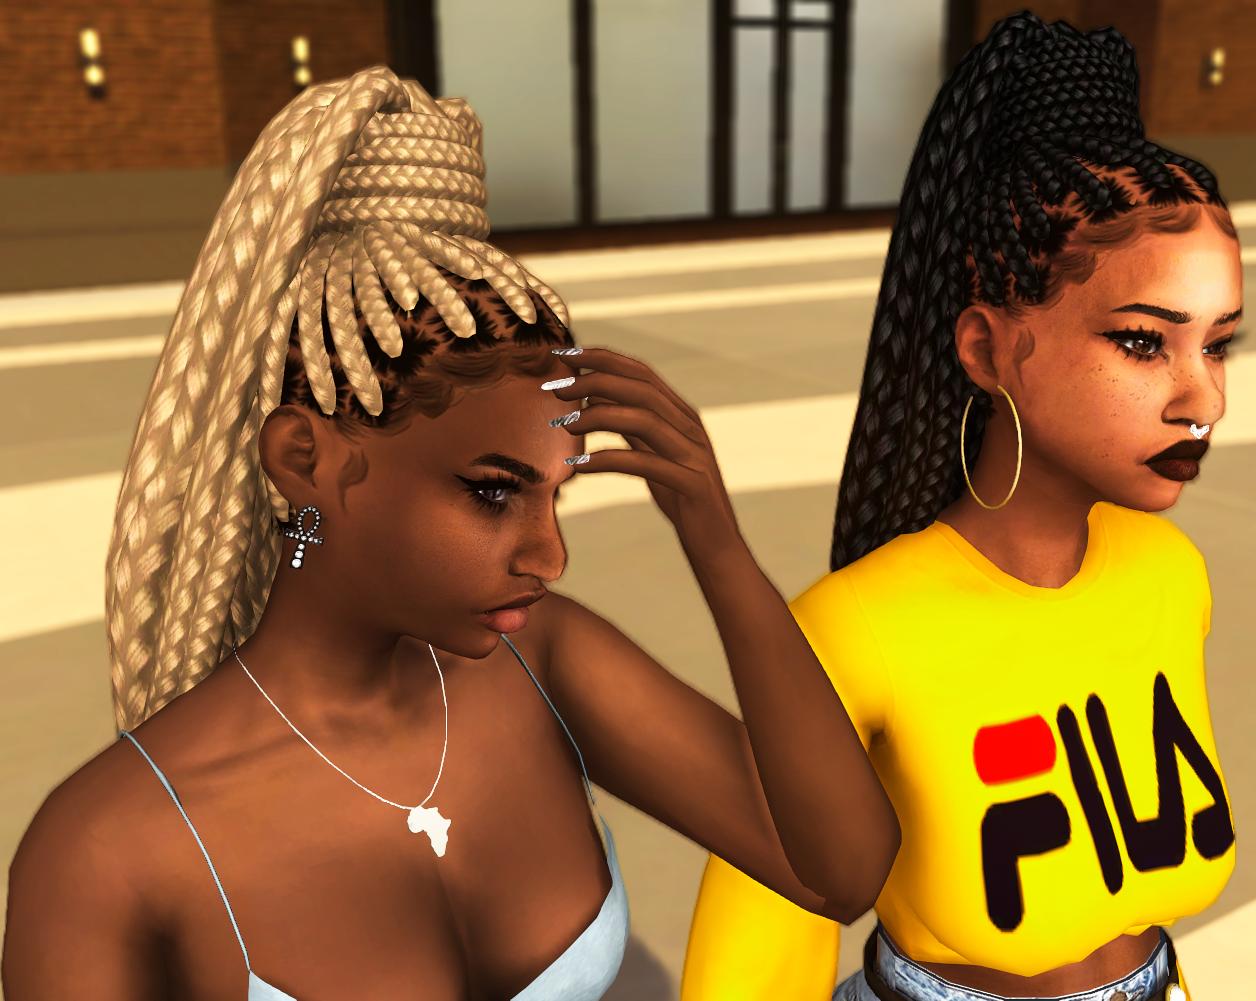 Sims 4 Cc S The Best Goddess Braid Pony By Ebonix